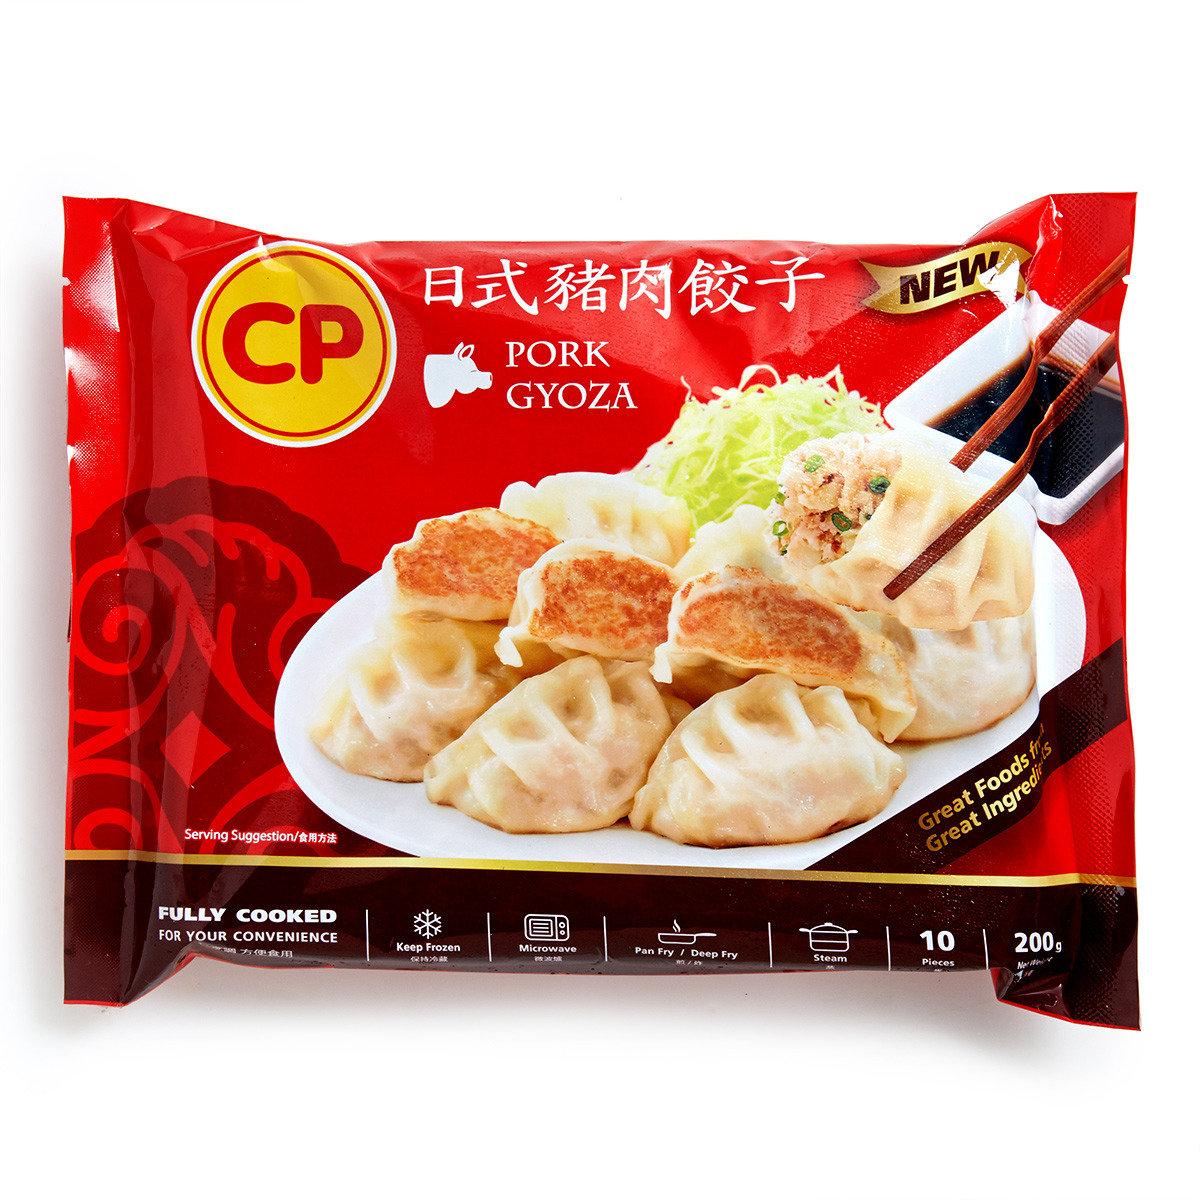 日式豬肉餃子(急凍)